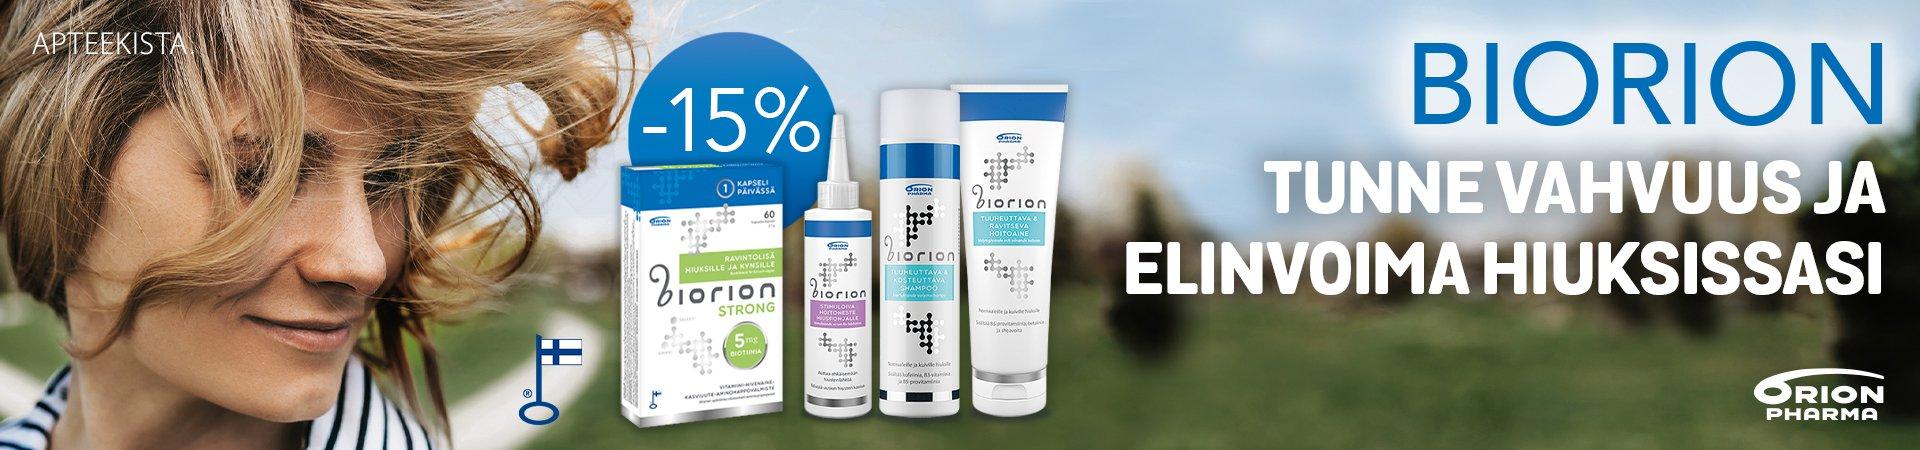 Biorion -tuotteet -15% huhtikuun ajan!